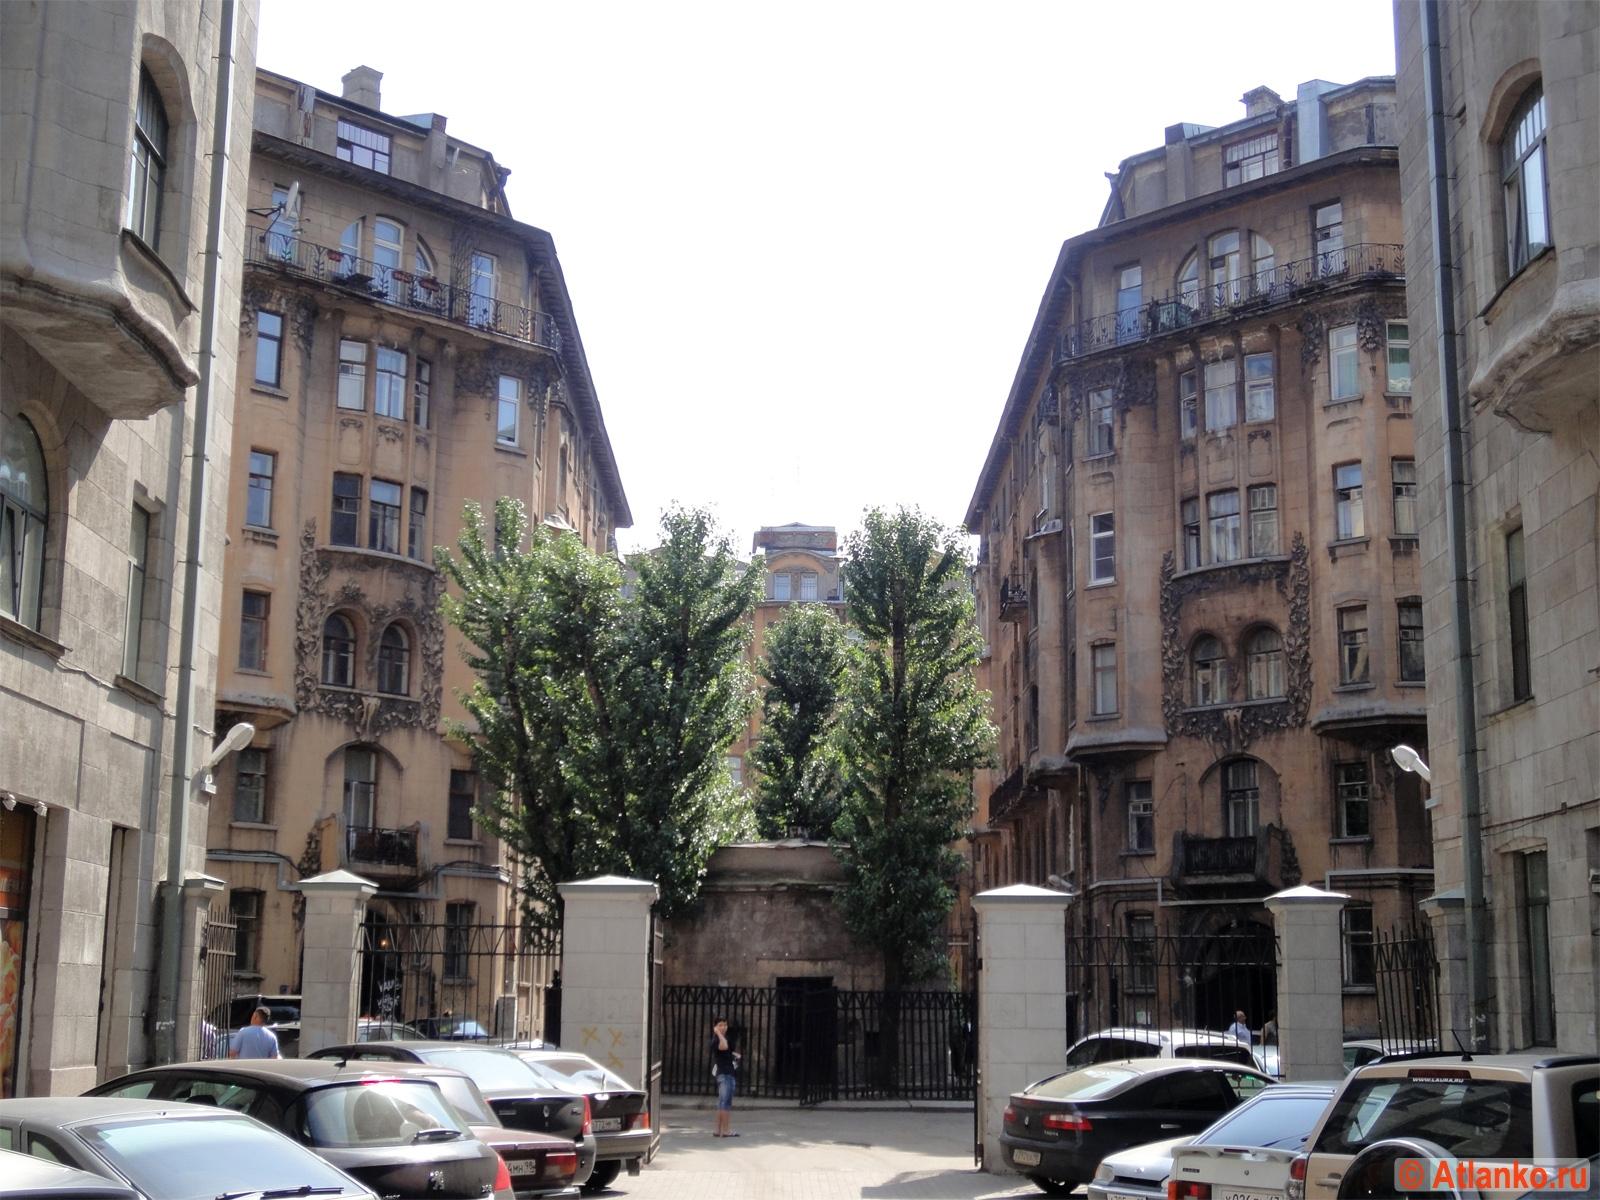 Два одинаковых петербургских дома. Симметрия. Санкт-Петербург. Фотография